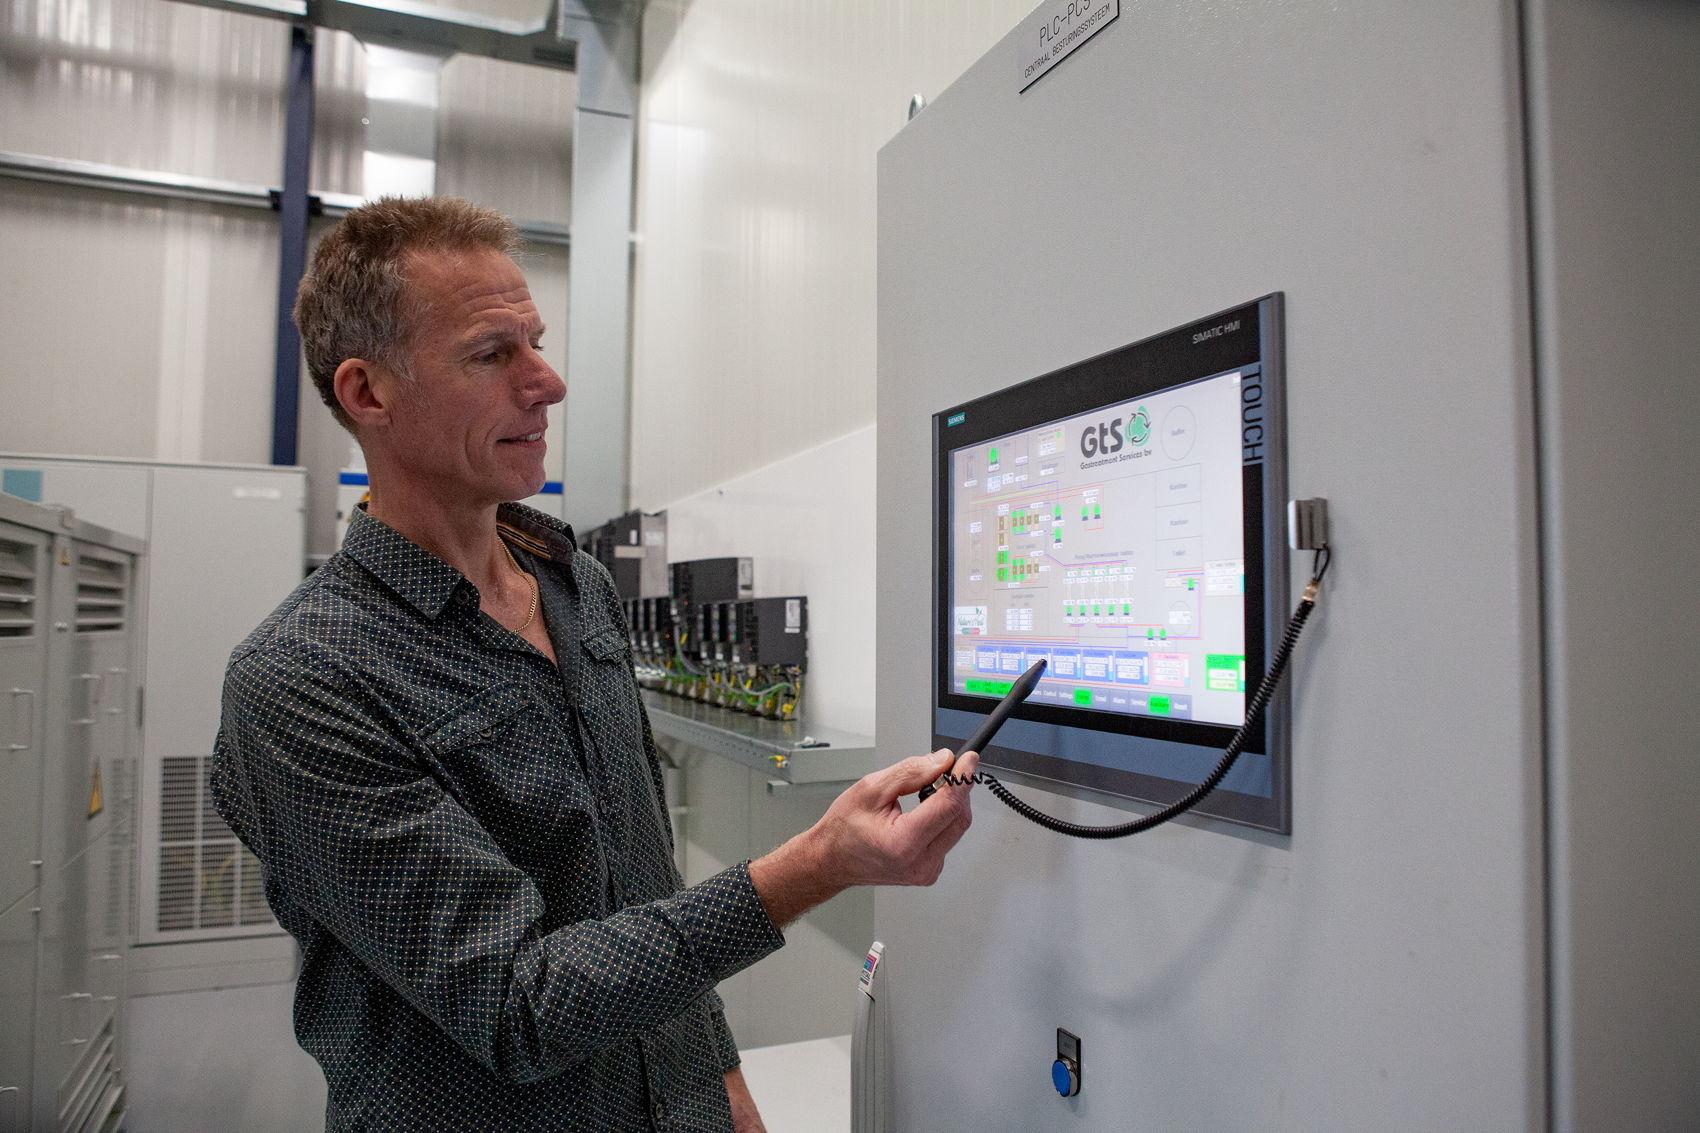 Paul bij de besturingscomputer van de geothermiecentrale.